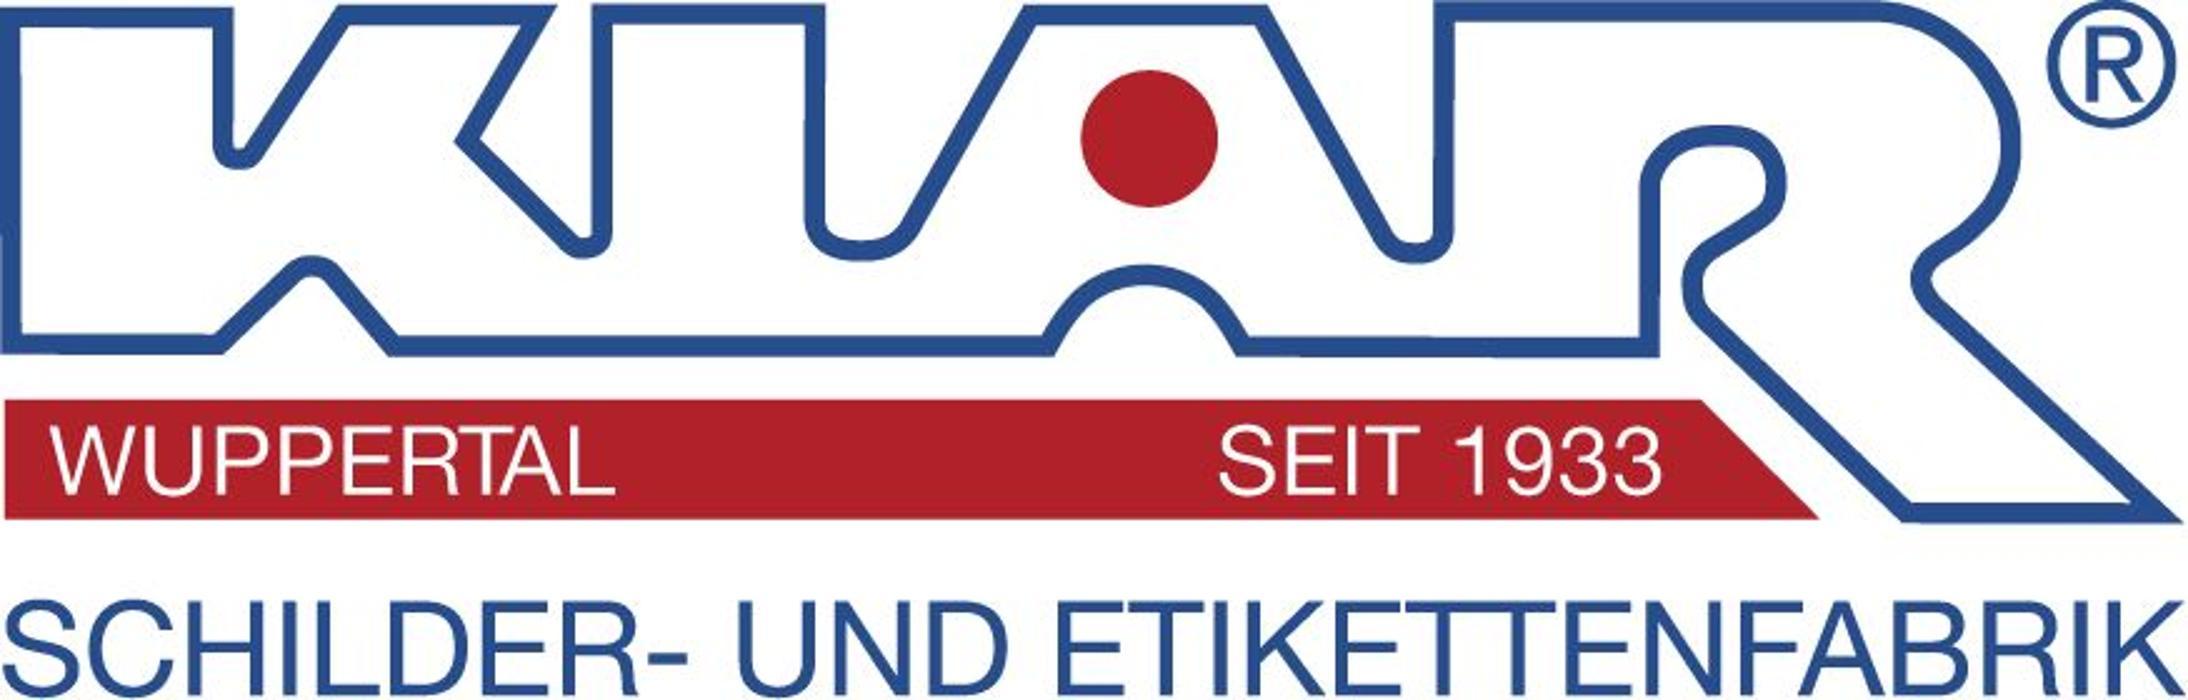 Bild zu Heinrich Klar Schilder- und Etikettenfabrik GmbH & Co. KG in Wuppertal